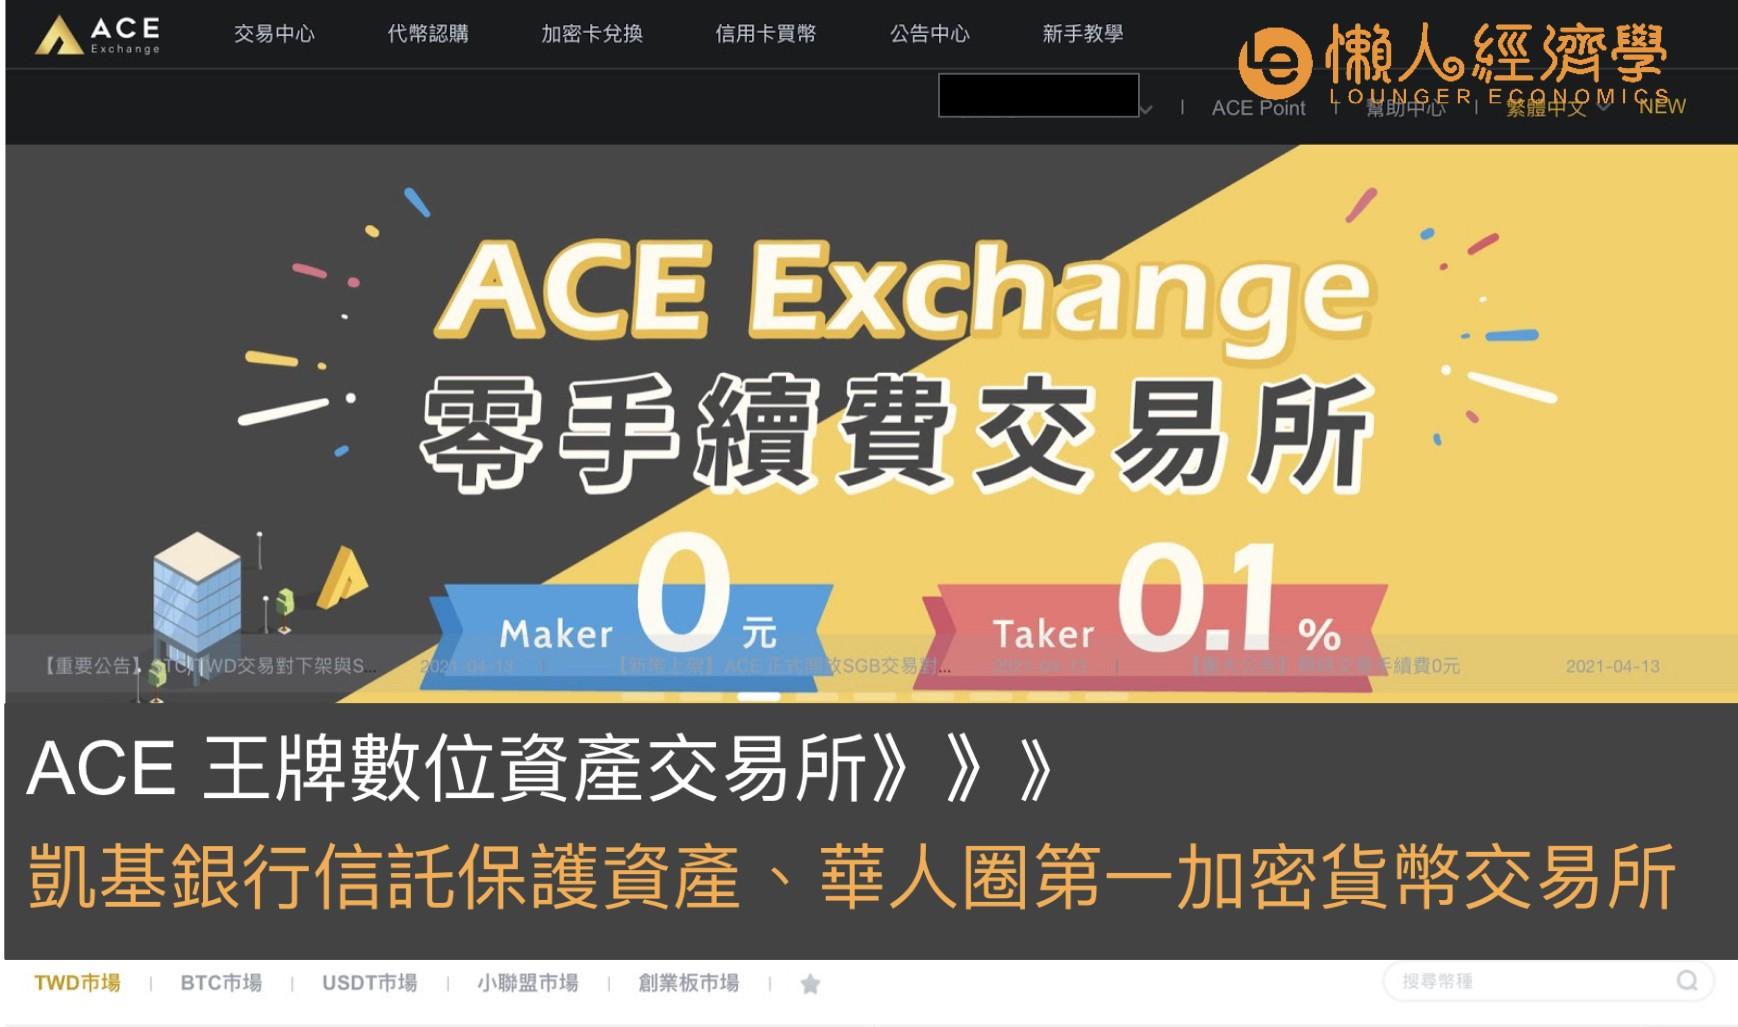 ACE 王牌數位資產交易所:凱基銀行信託保護資產、華人圈第一加密貨幣交易所